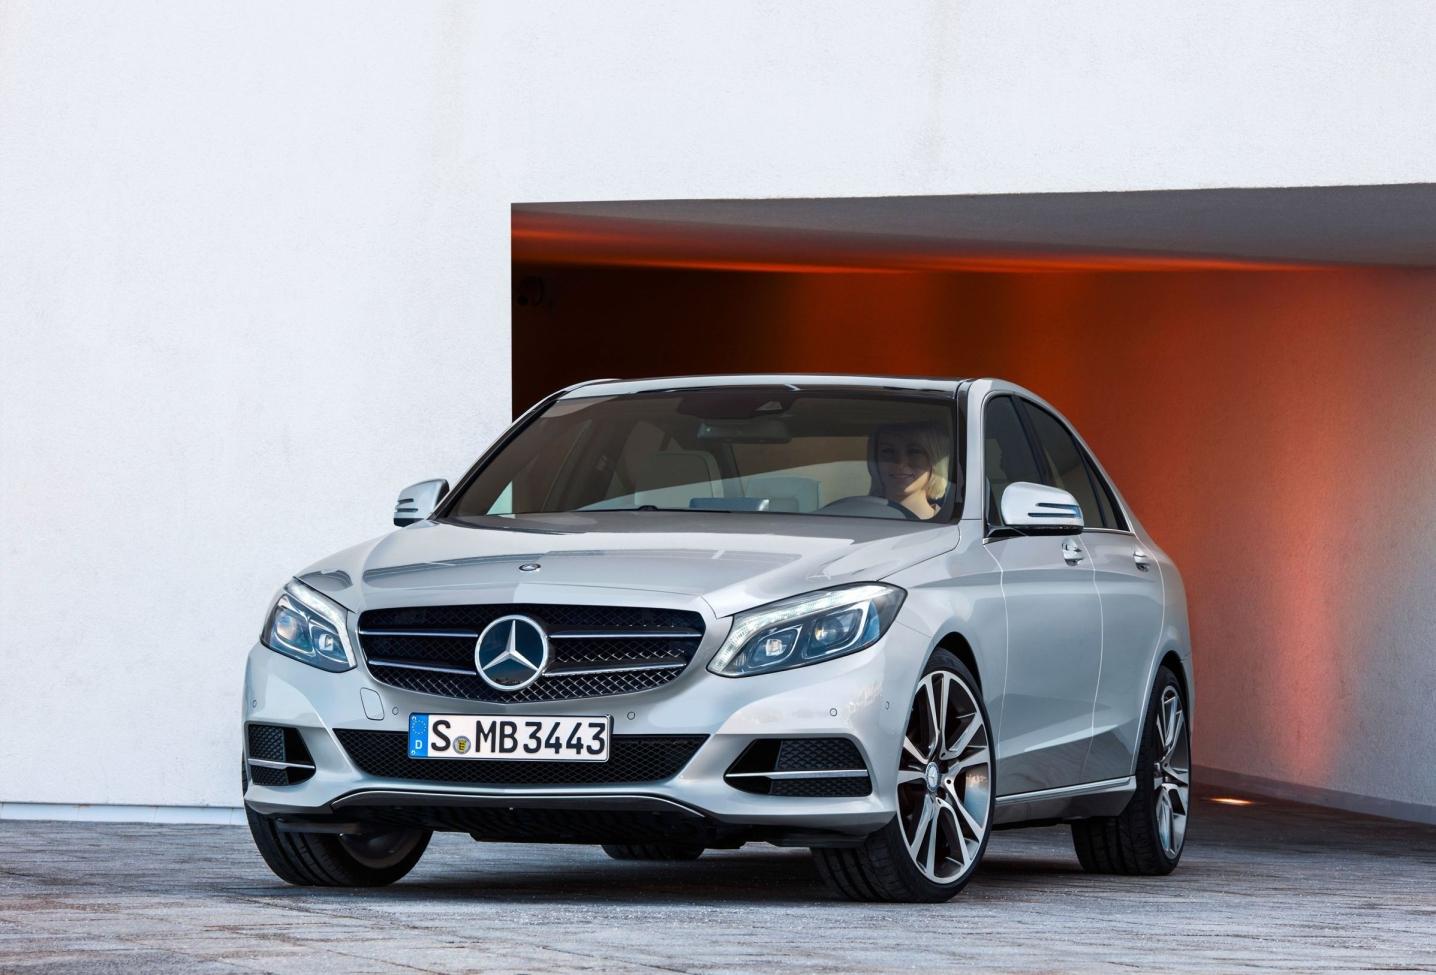 AUTO BILD EXCLUSIV: Neue Mercedes-Benz C-Klasse ab 2014